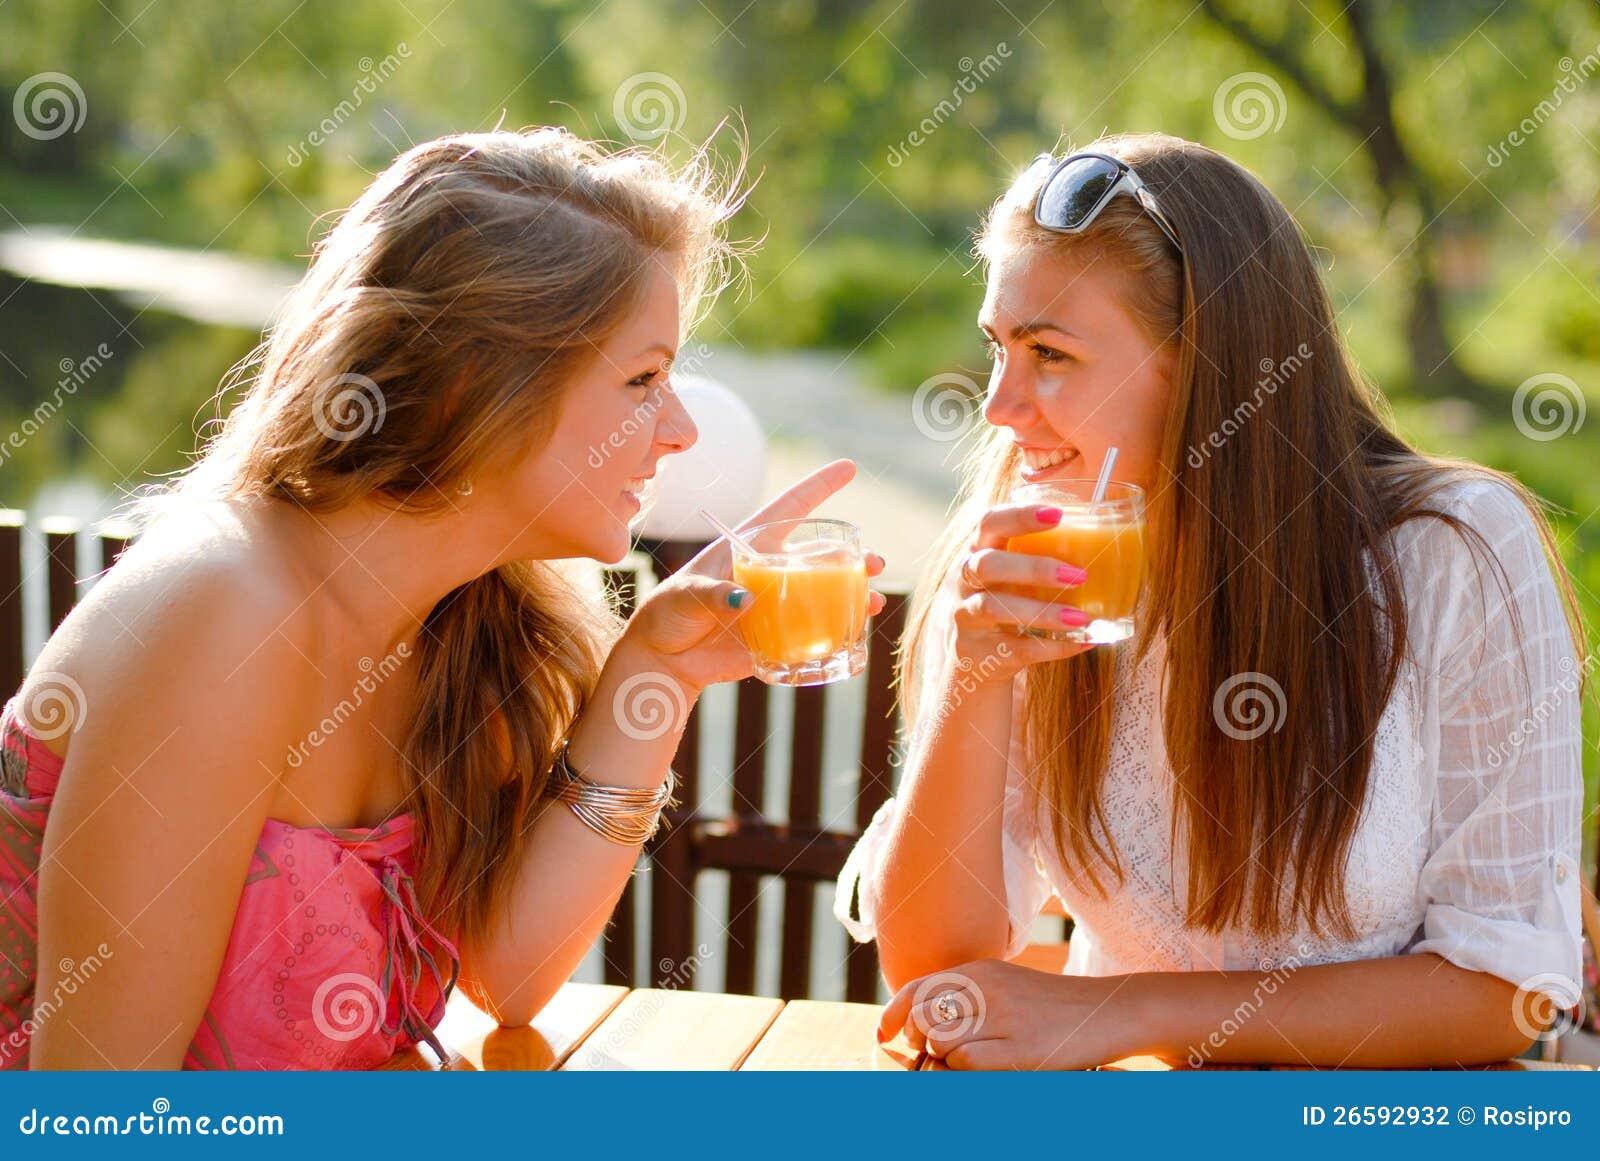 Girls chatting